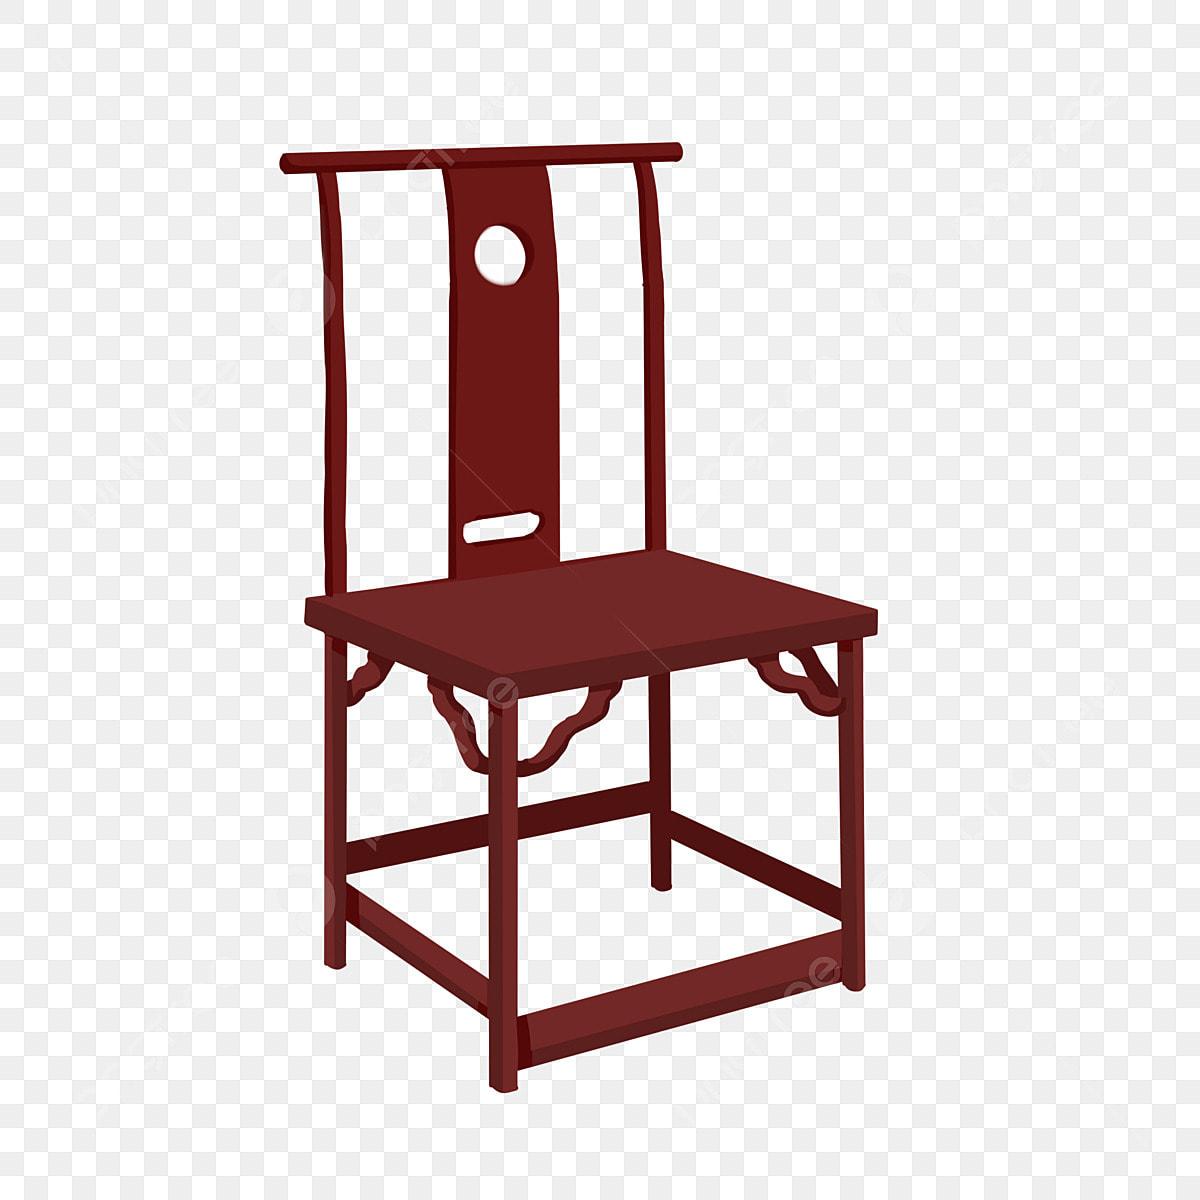 Meubles En Bois Chaise De Style Élégante Publicité qSUzpGMV